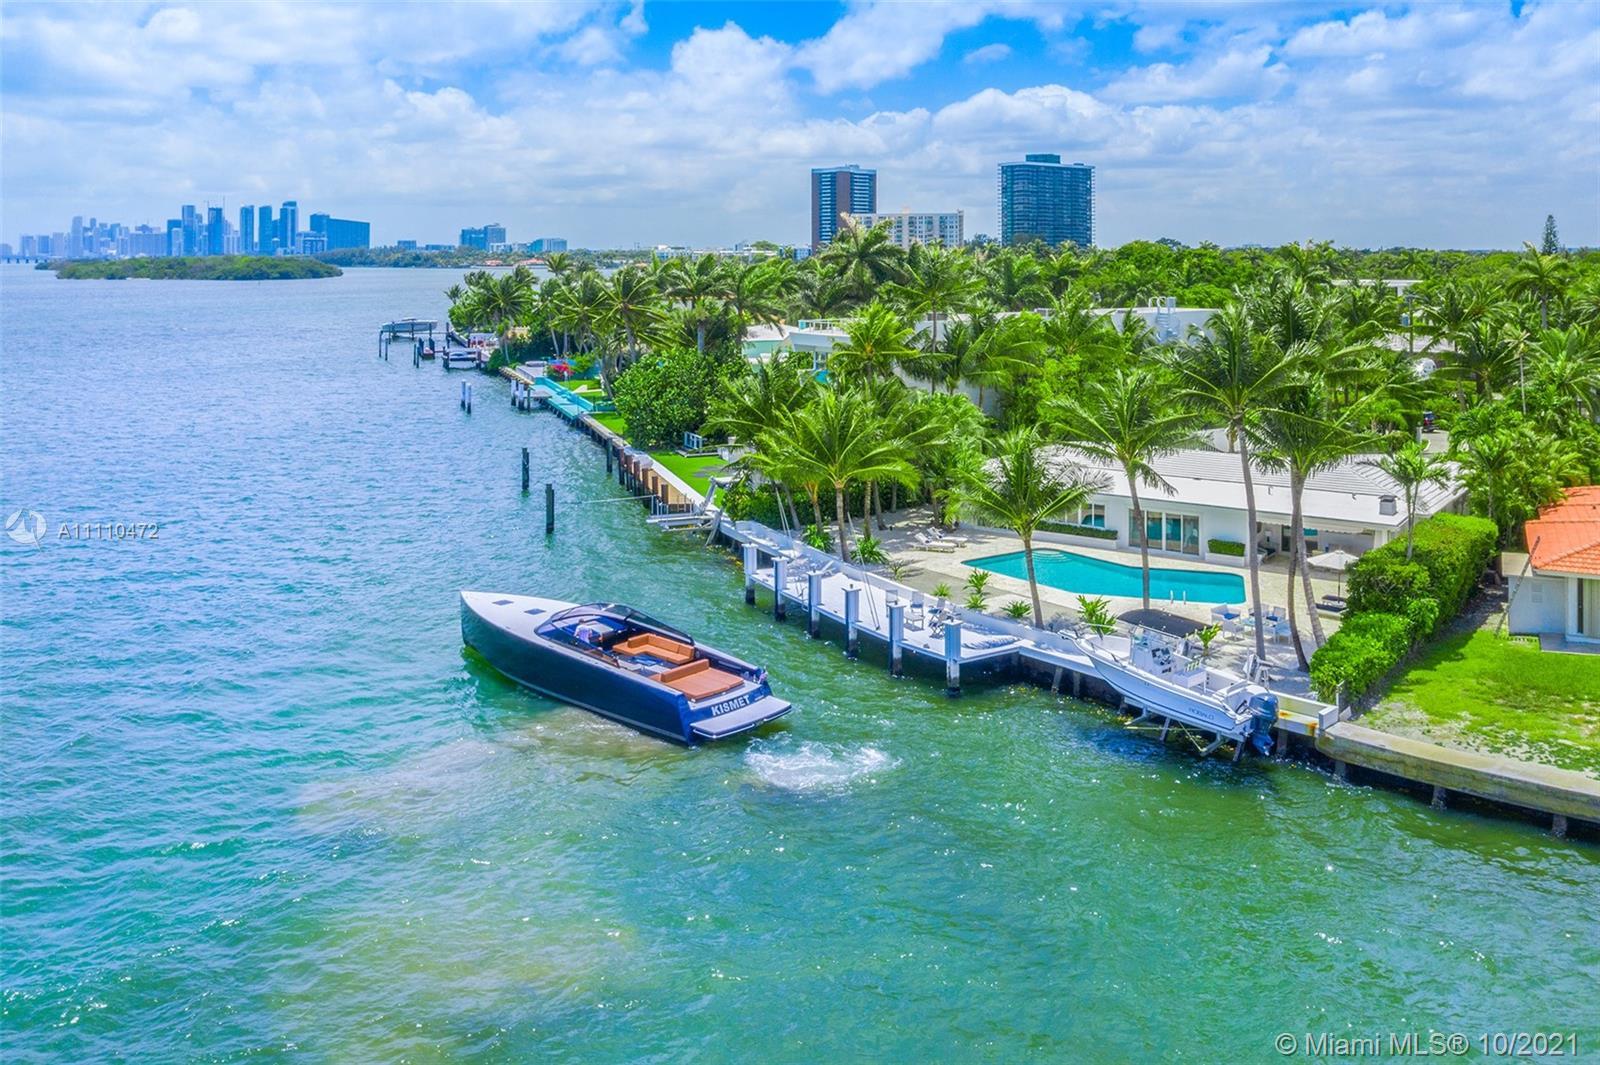 1161 Belle Meade Island Dr, Miami, Florida 33138